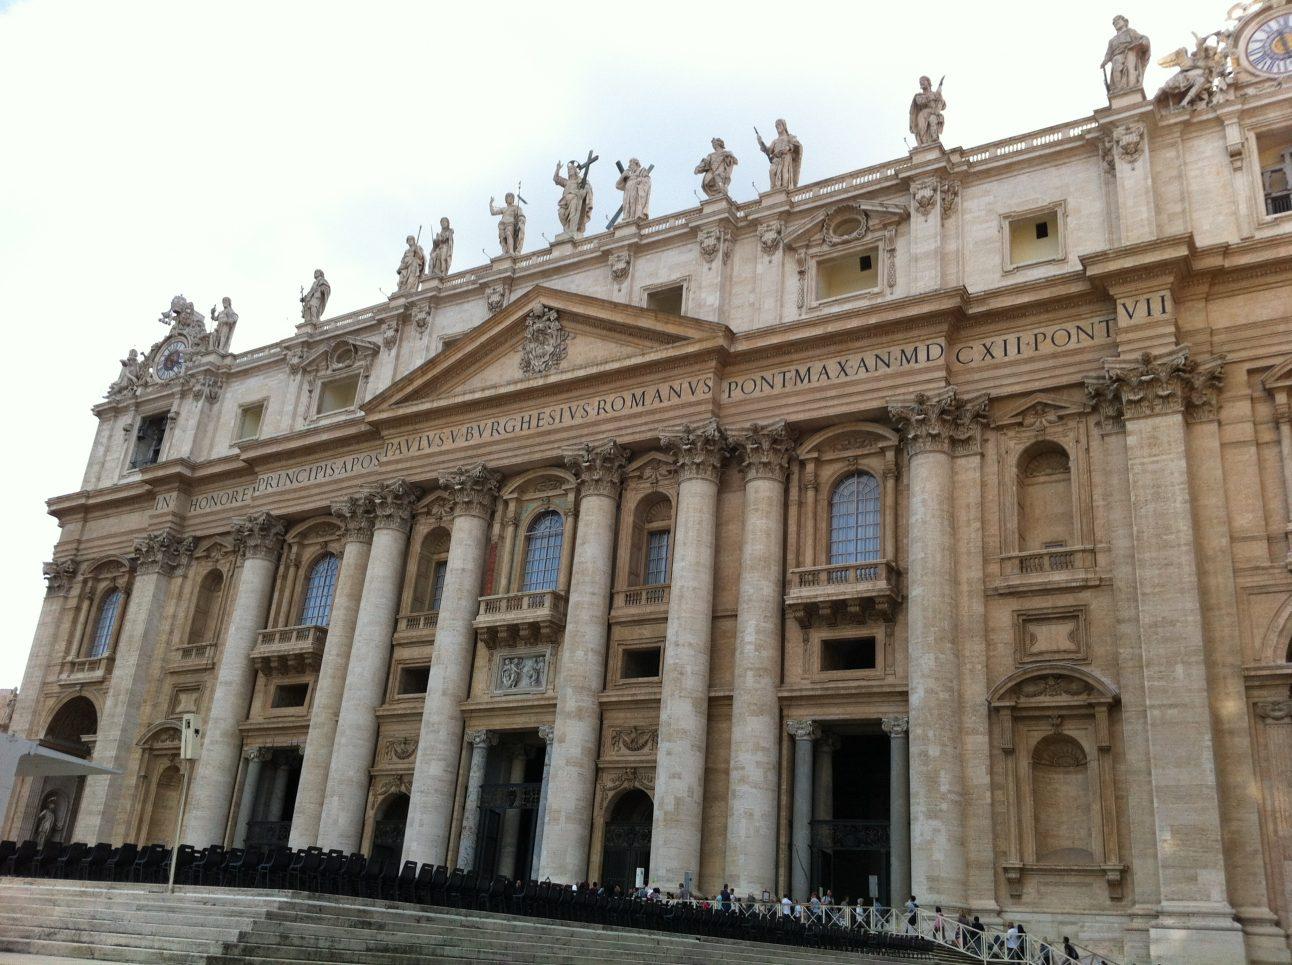 L'entrée vers la Basilique Saint-Pierre